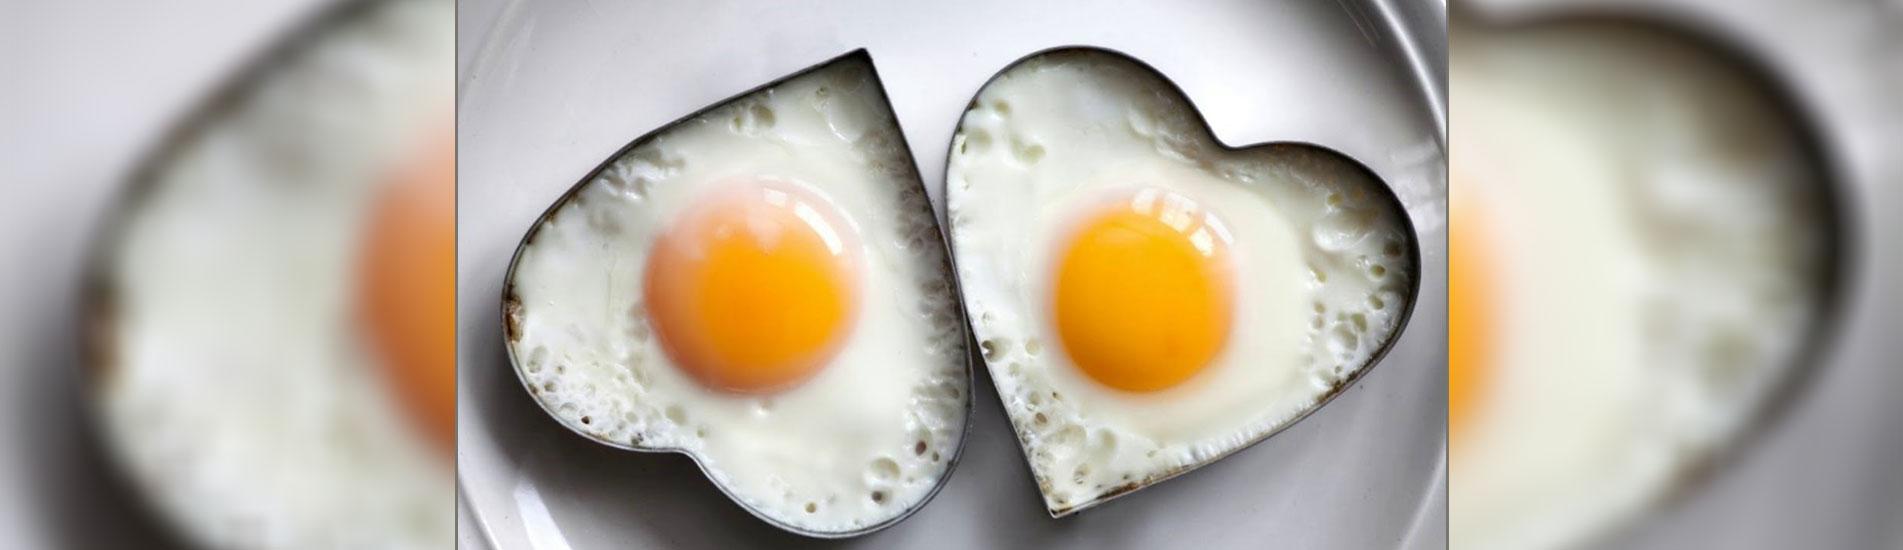 Δύο αυγά την εβδομάδα